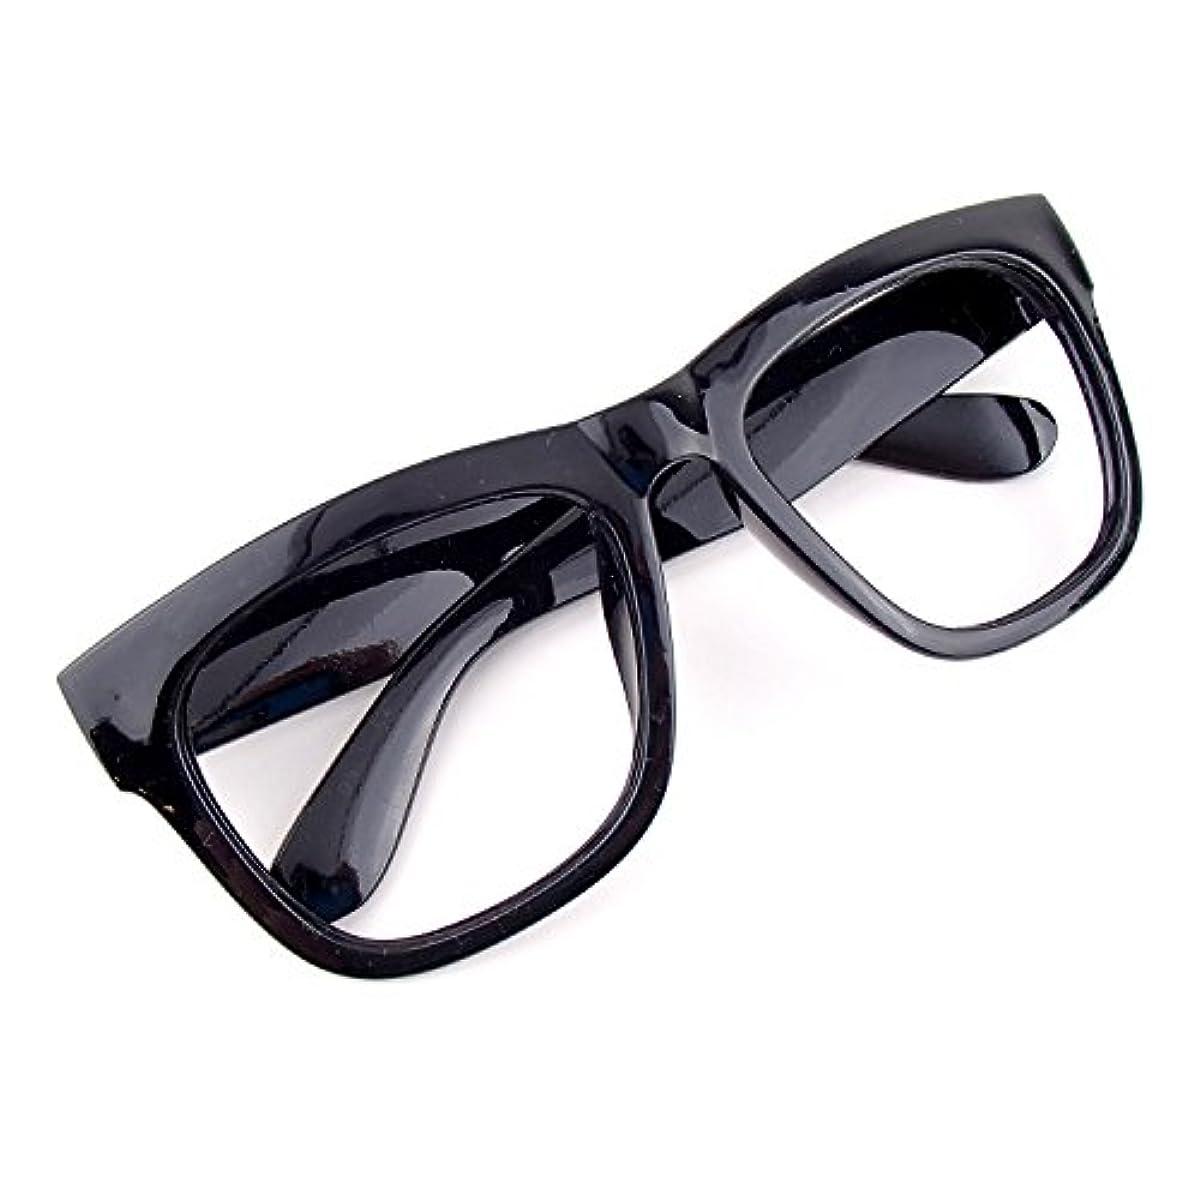 [해외] 【아울렛품】 다테 안경 렌즈 없음 맨즈 레이디스 겸용